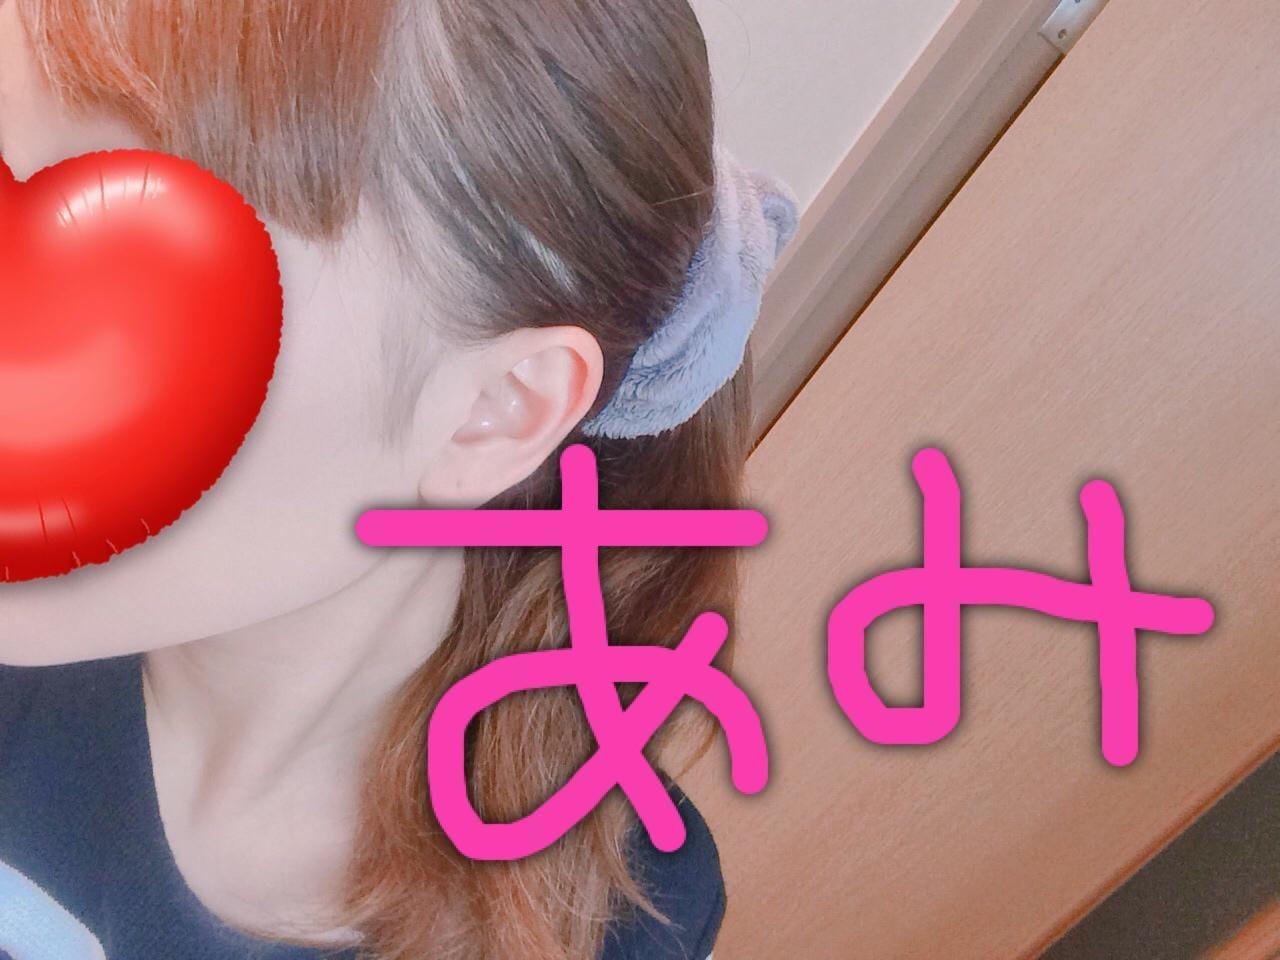 https://s3-ap-northeast-1.amazonaws.com/files.fuzoku.jp/img/shop/hkibun/diary/31166663/d_0_20180906163100006.jpeg